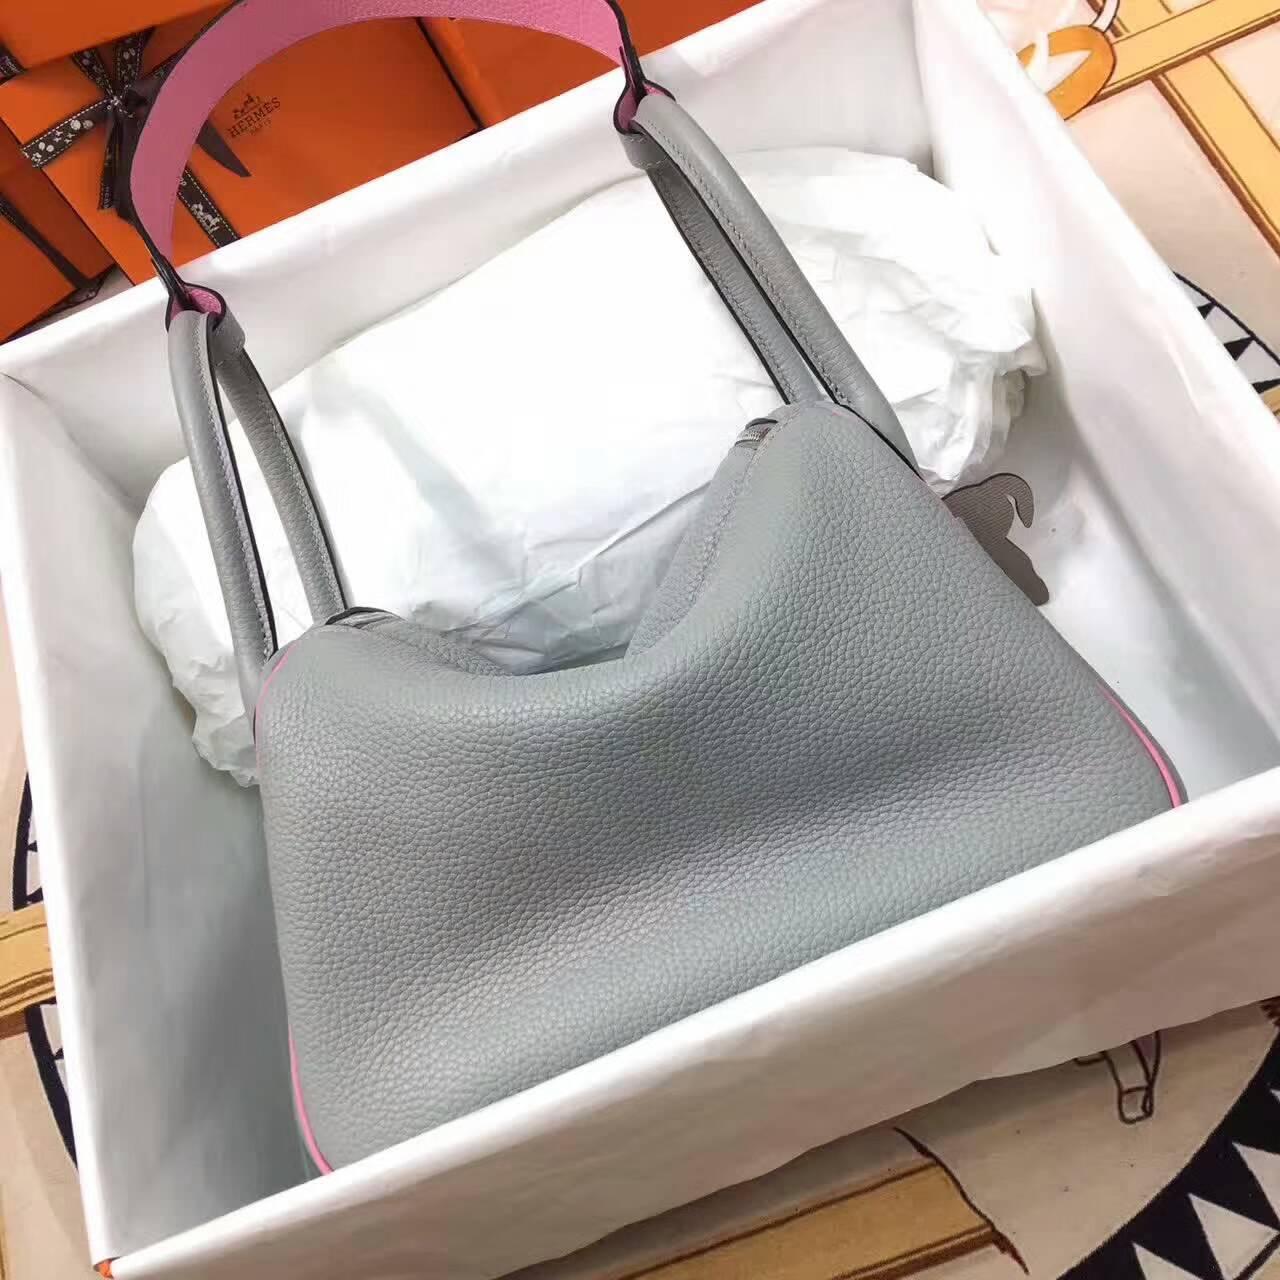 爱马仕Lindy包包 26cm Clemence 法国原产Togo大牛皮 冰川灰拼樱花粉